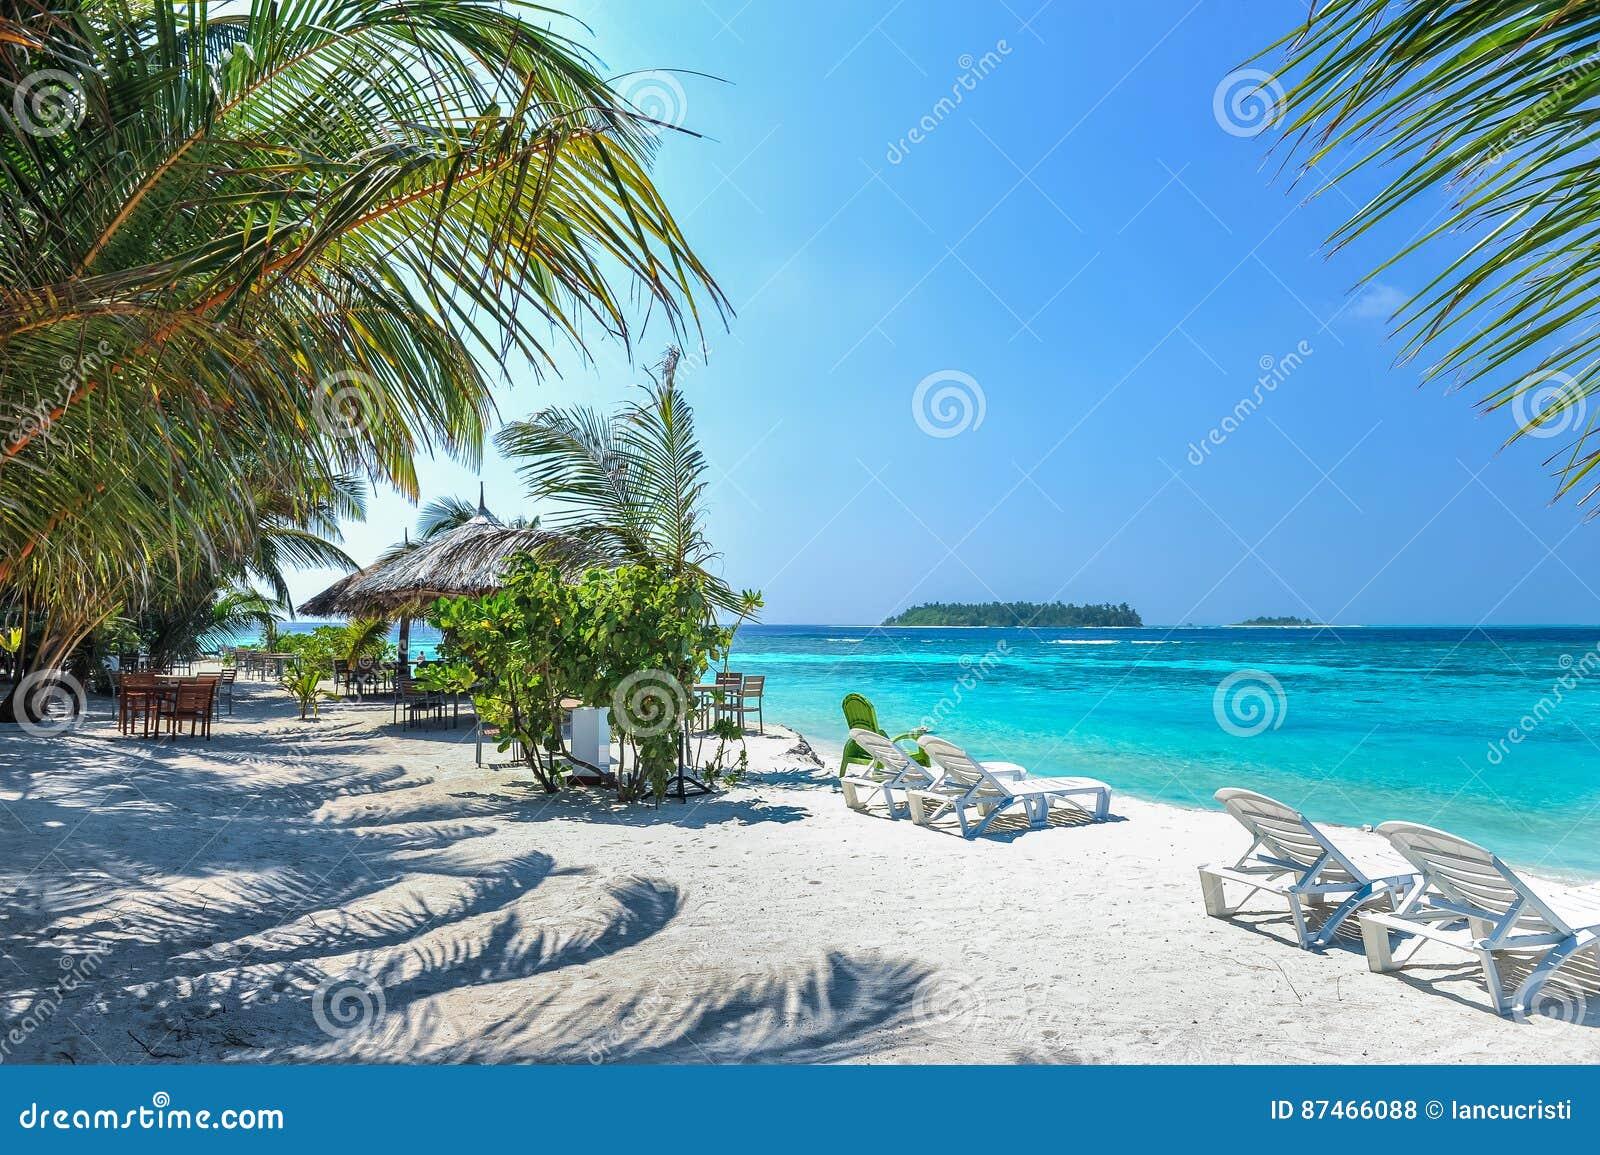 Zitkamerstoelen op een mooi tropisch strand in de maldiven